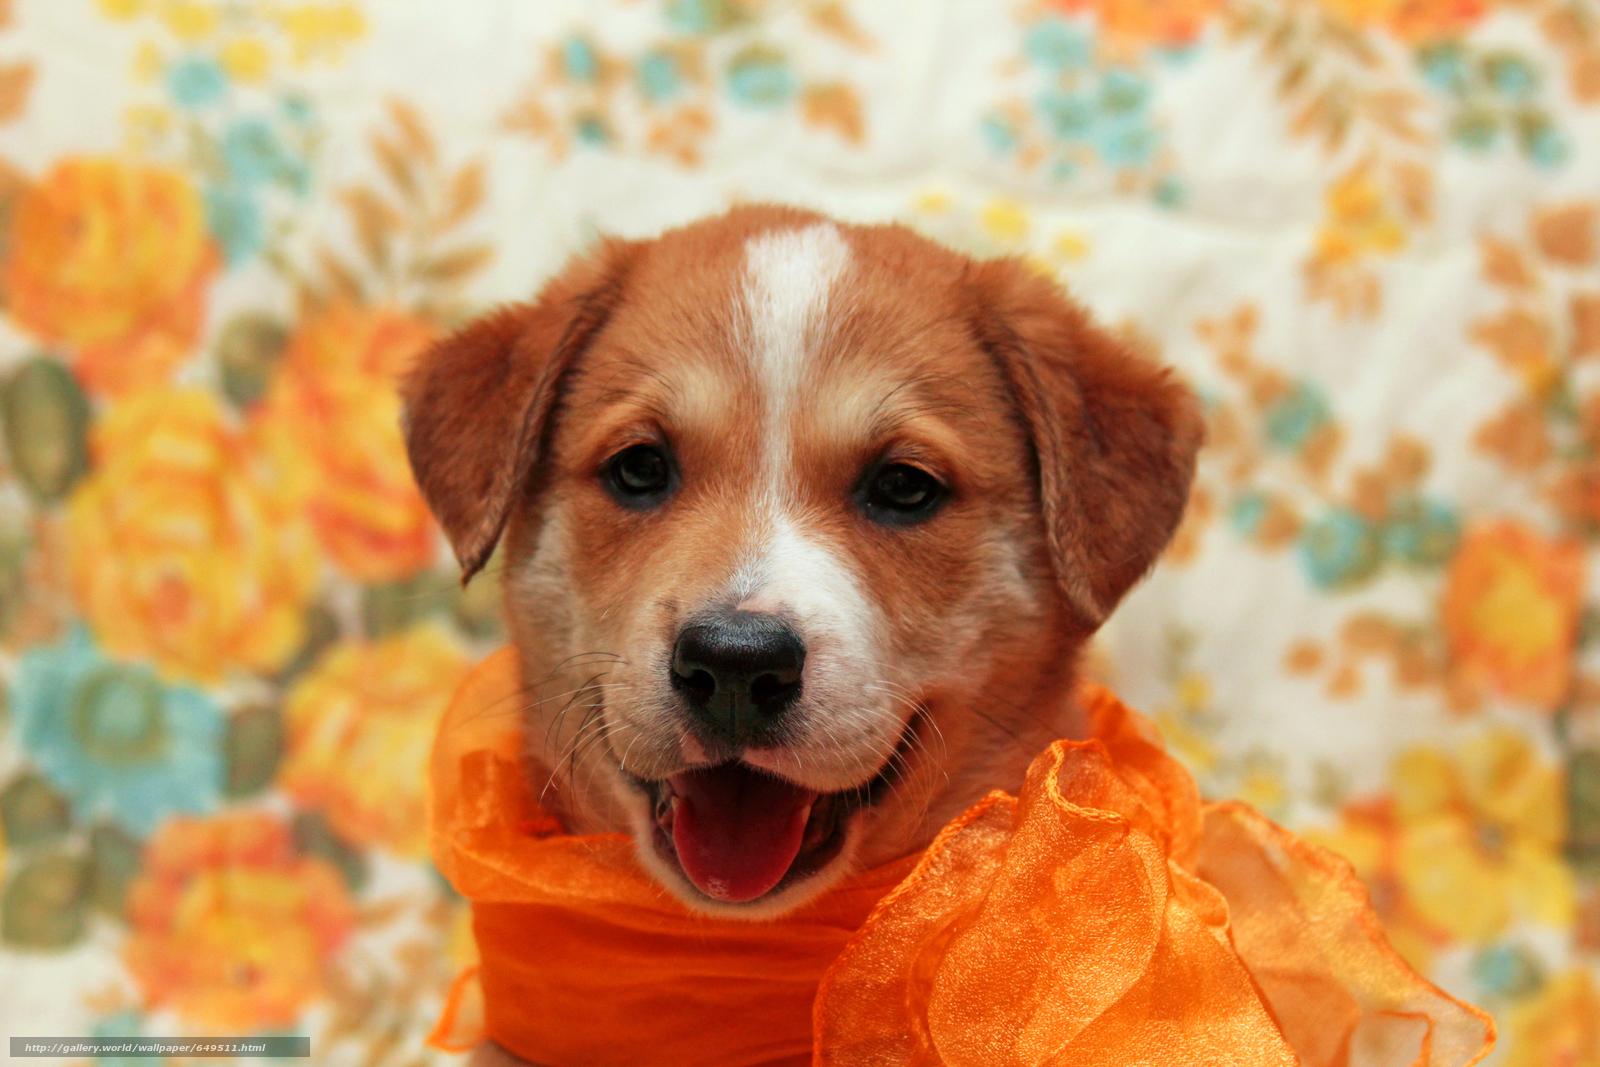 壁紙をダウンロード 犬,  犬,  子犬,  子犬 デスクトップの解像度のための無料壁紙 5184x3456 — 絵 №649511